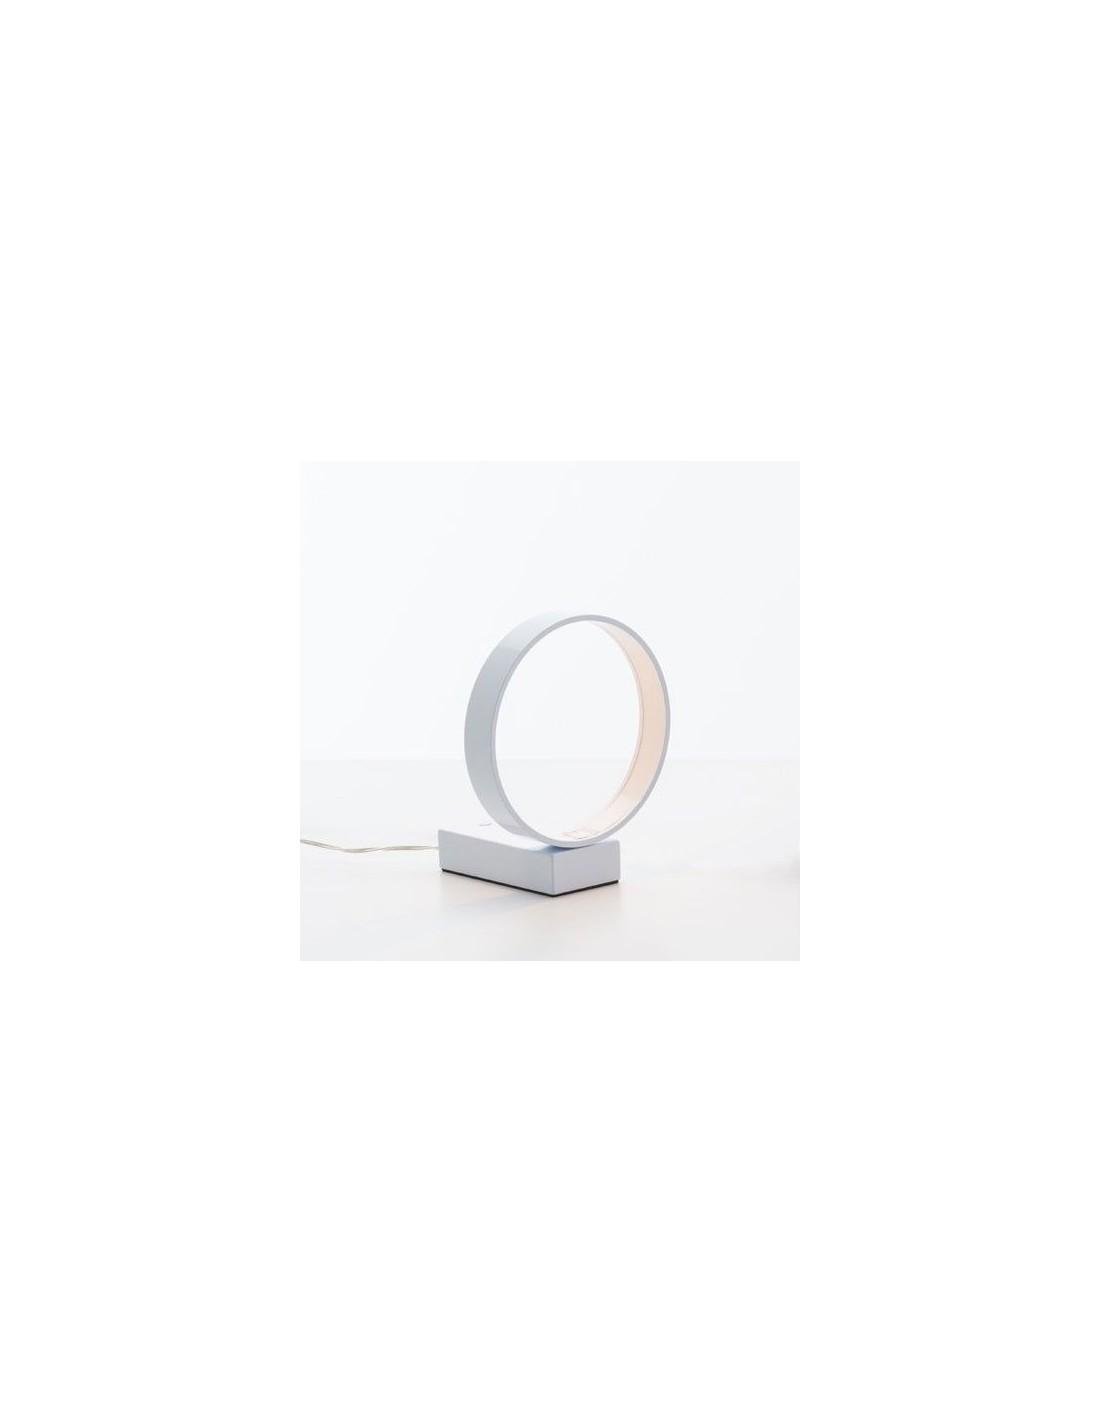 Valente design luminaires lampe a poser Artemide eclittica-mise-en-situation